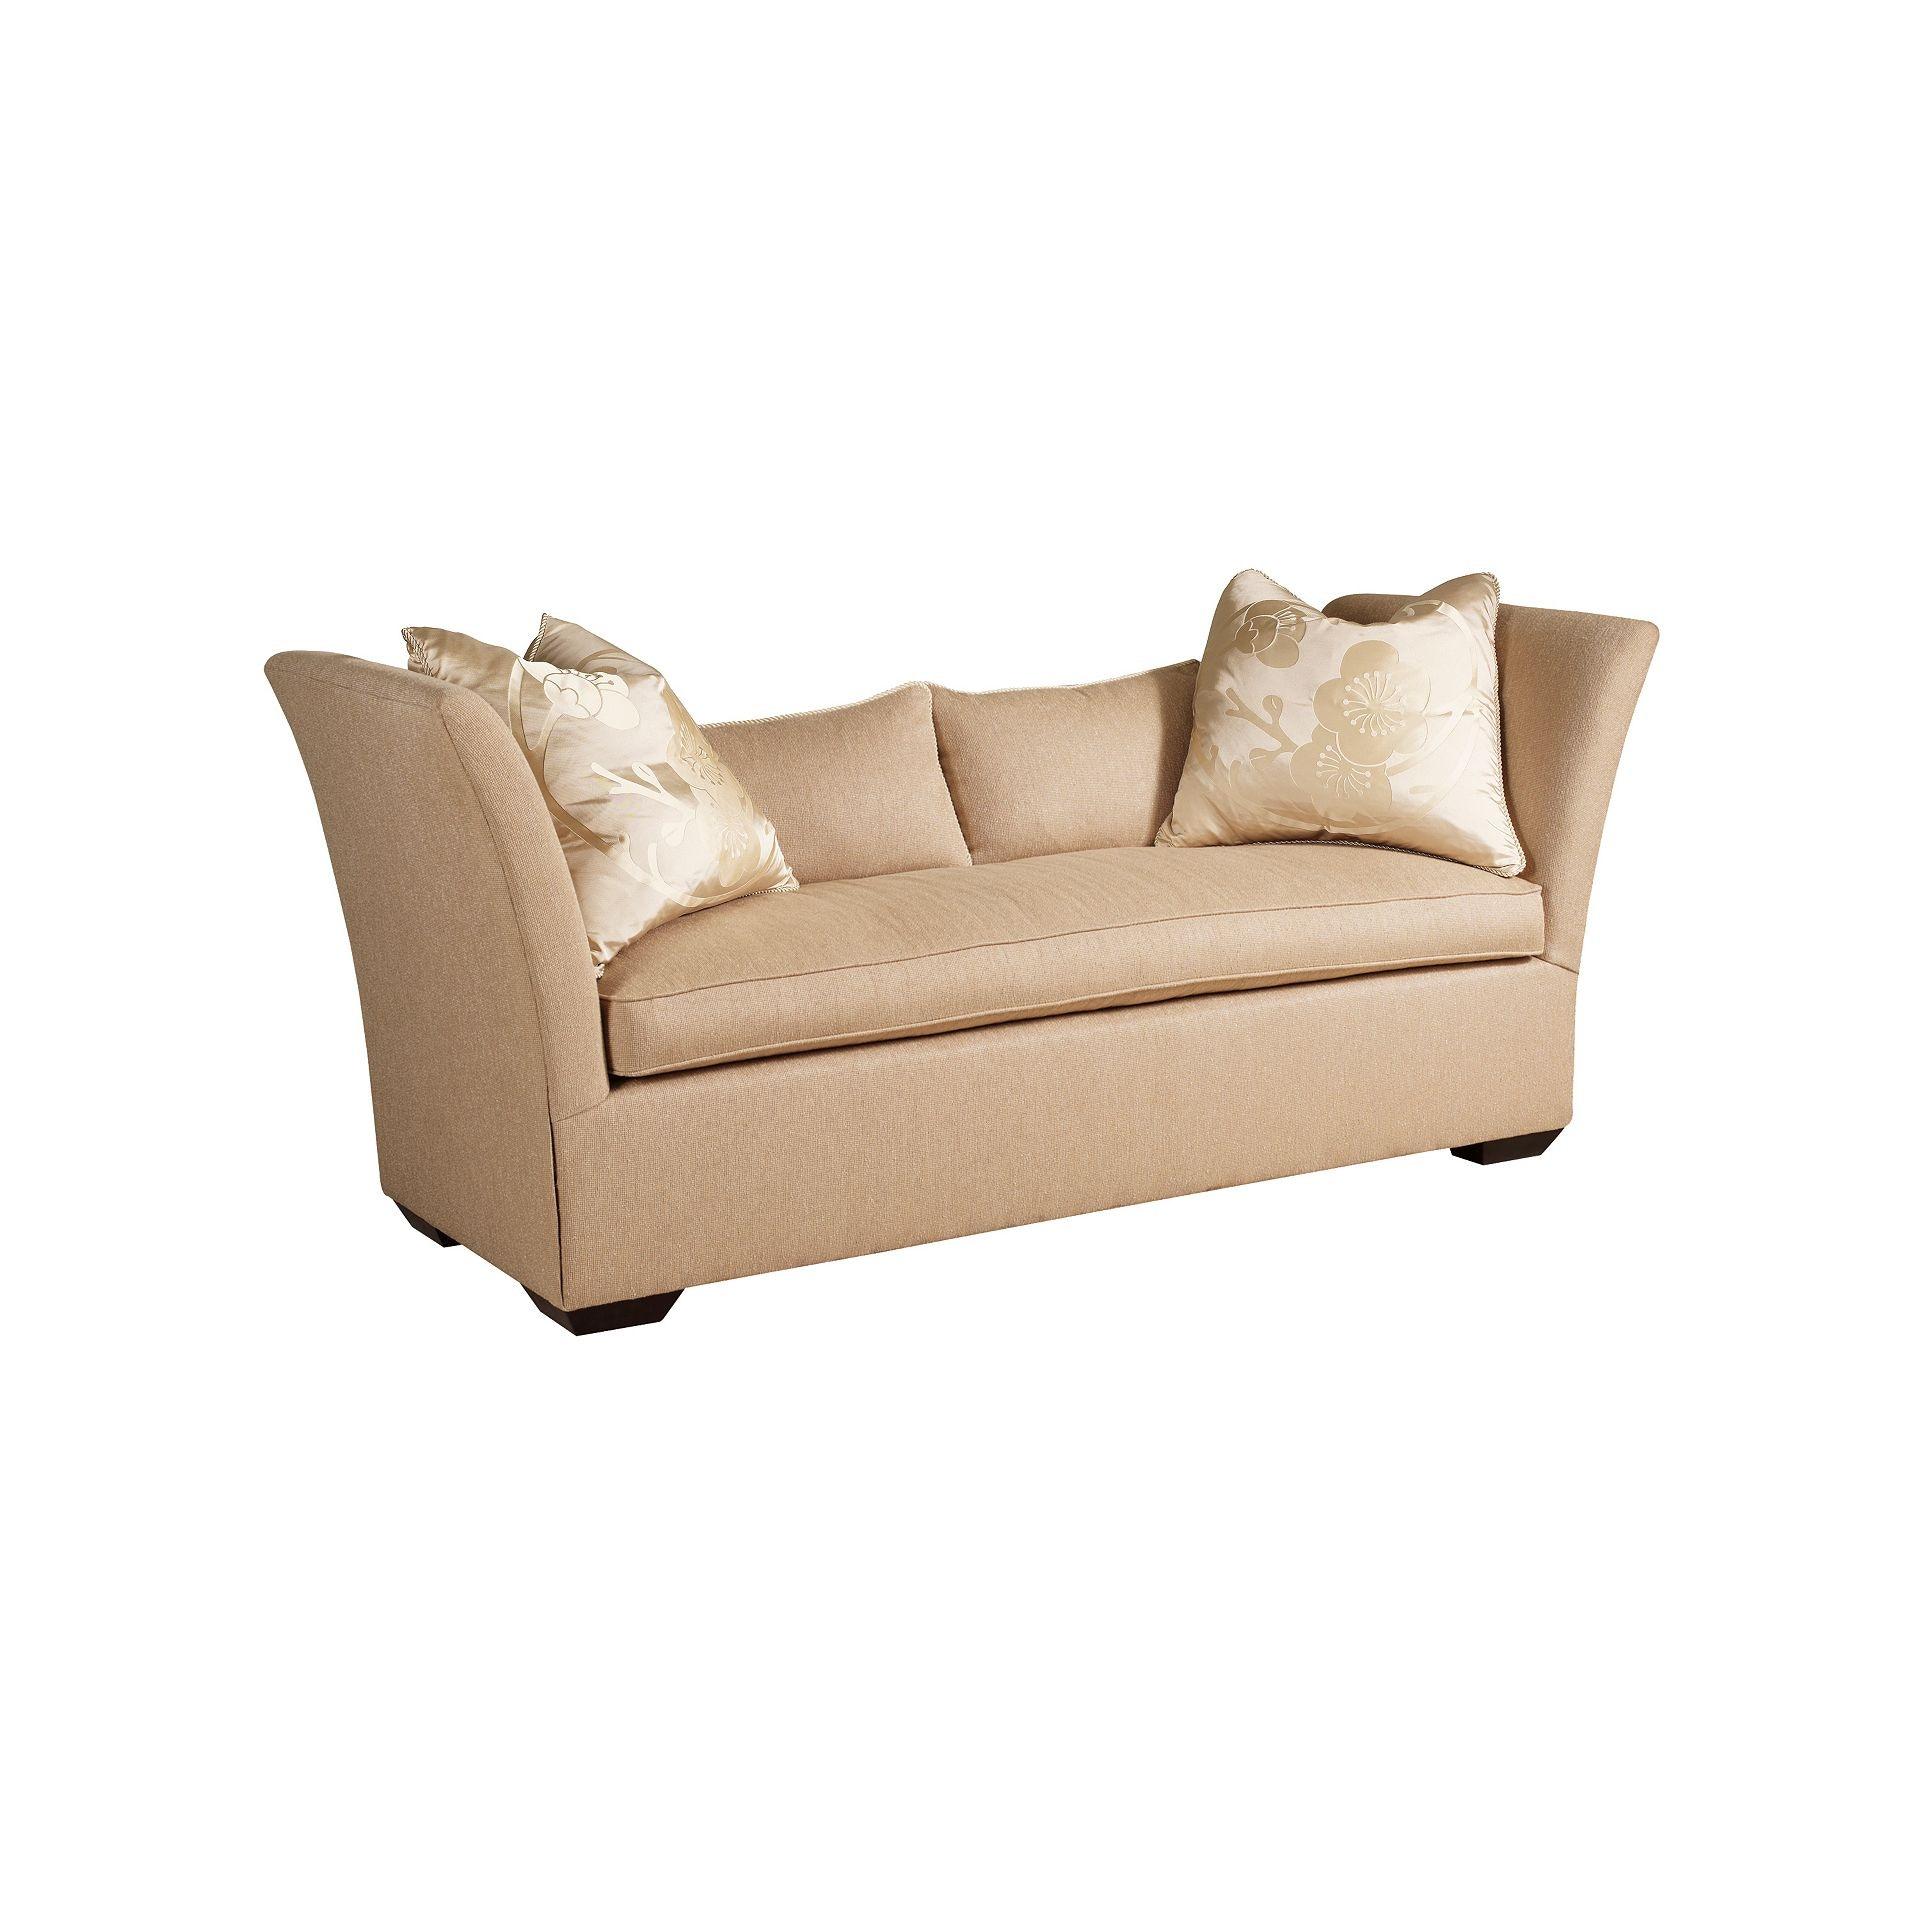 Henredon Furniture Henredon Upholstery Madeline Short Sofa H0764 B